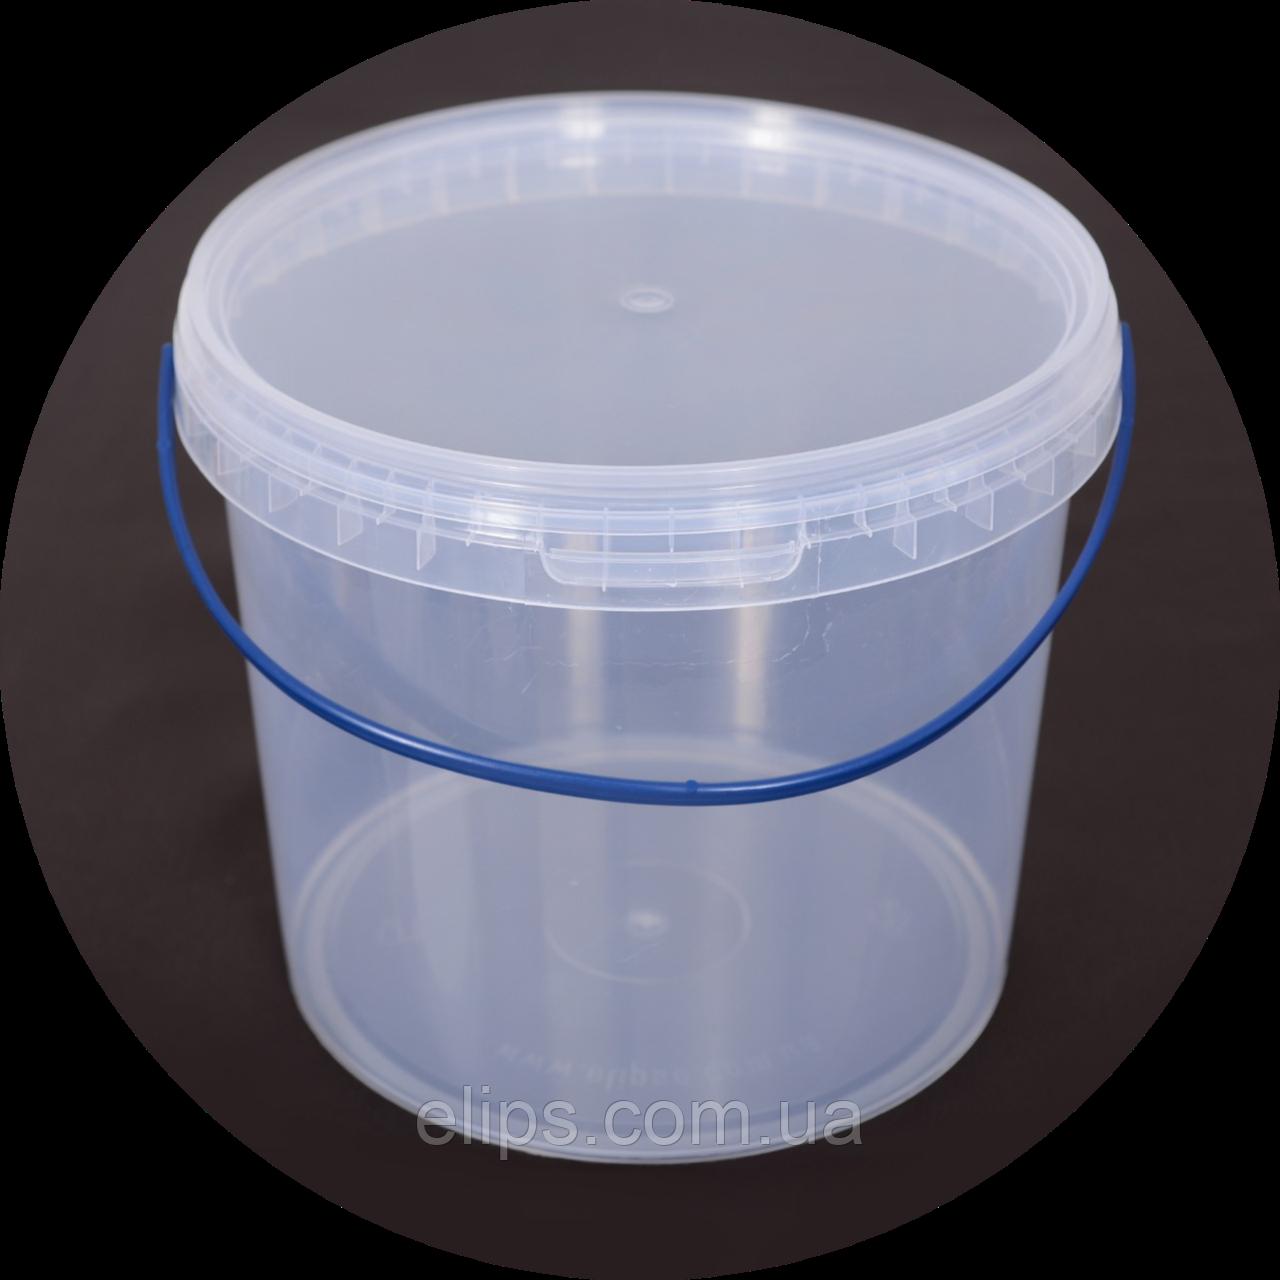 Ведро пластиковое, пищевое 5 л (упаковка 20 шт). Бесплатная доставка!